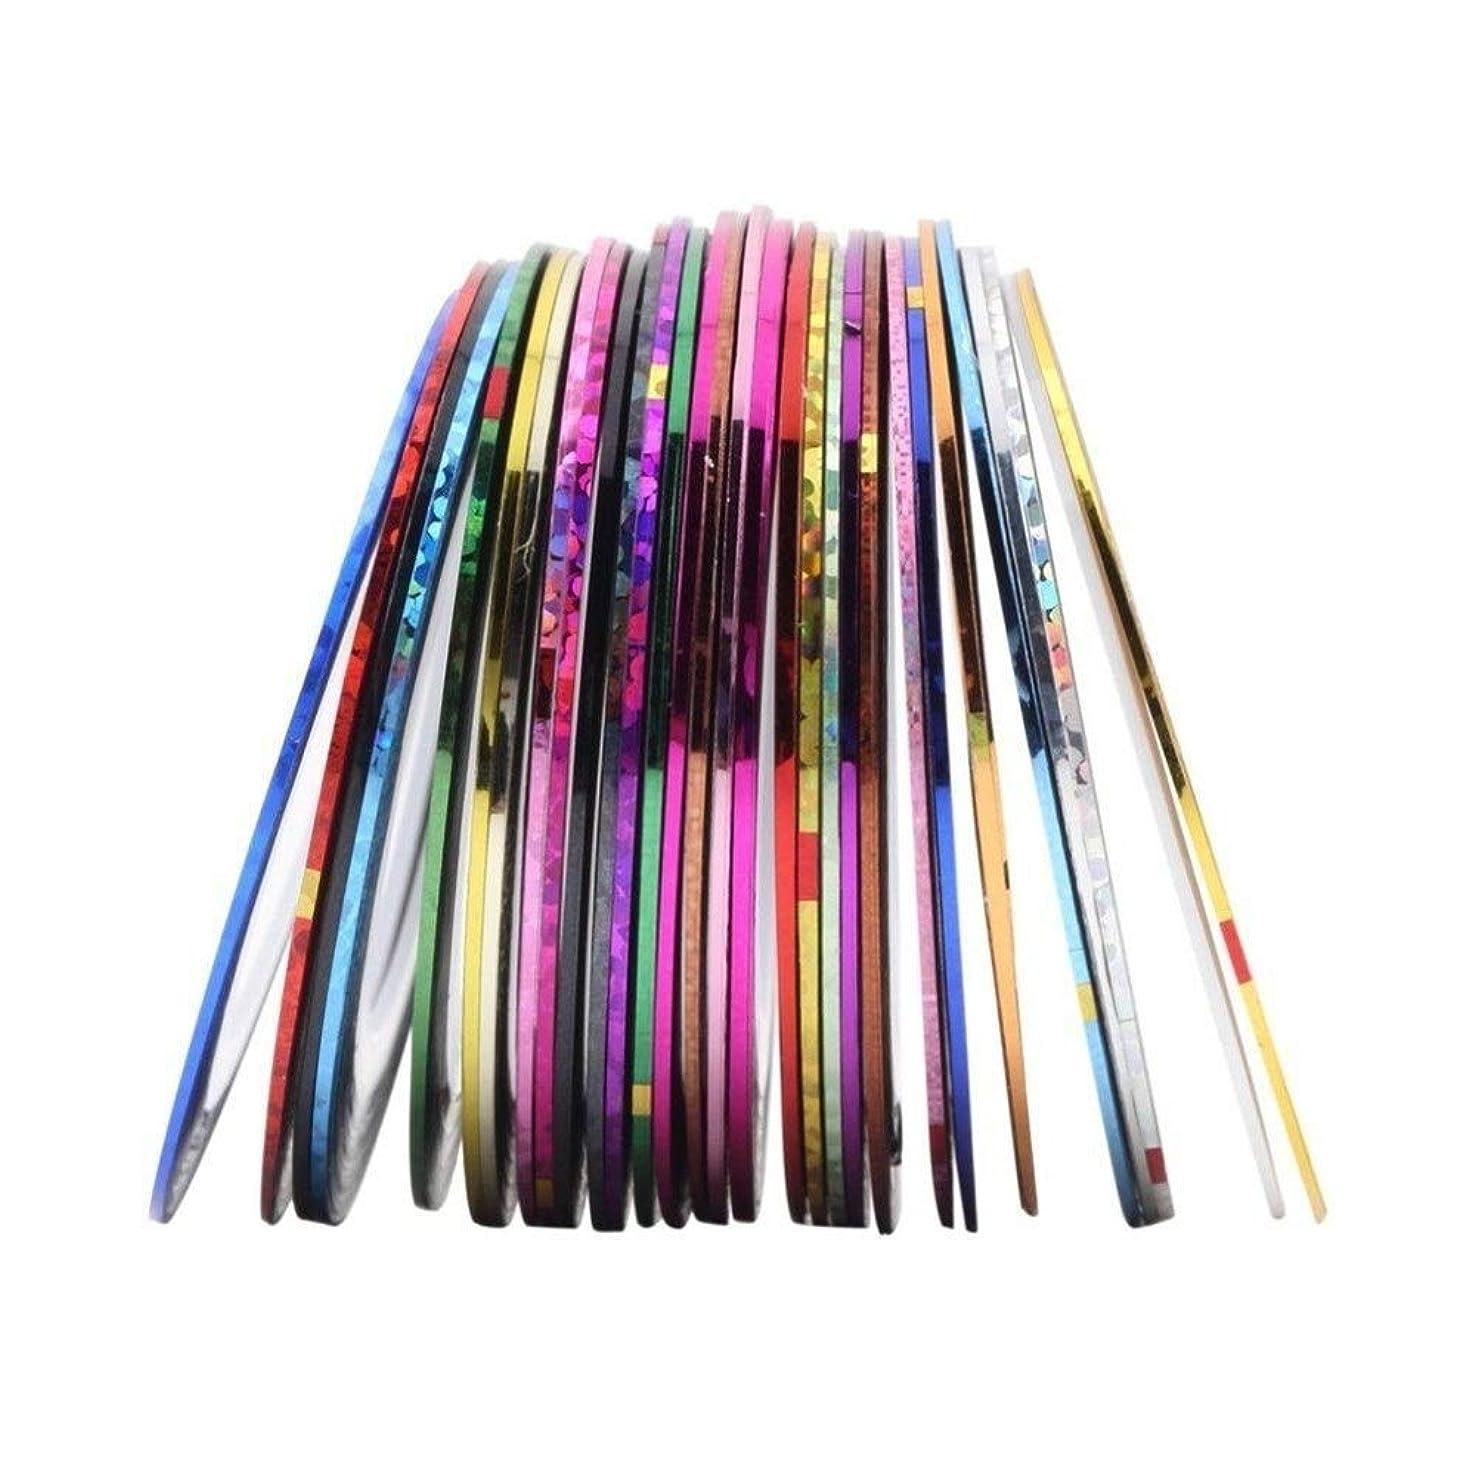 私掃く欠かせないネイル用品 ラインテープ シート ジェルネイル用 マニキュア セット ジェルネイル アート用ラインテープ 専用ケース 38色/セット